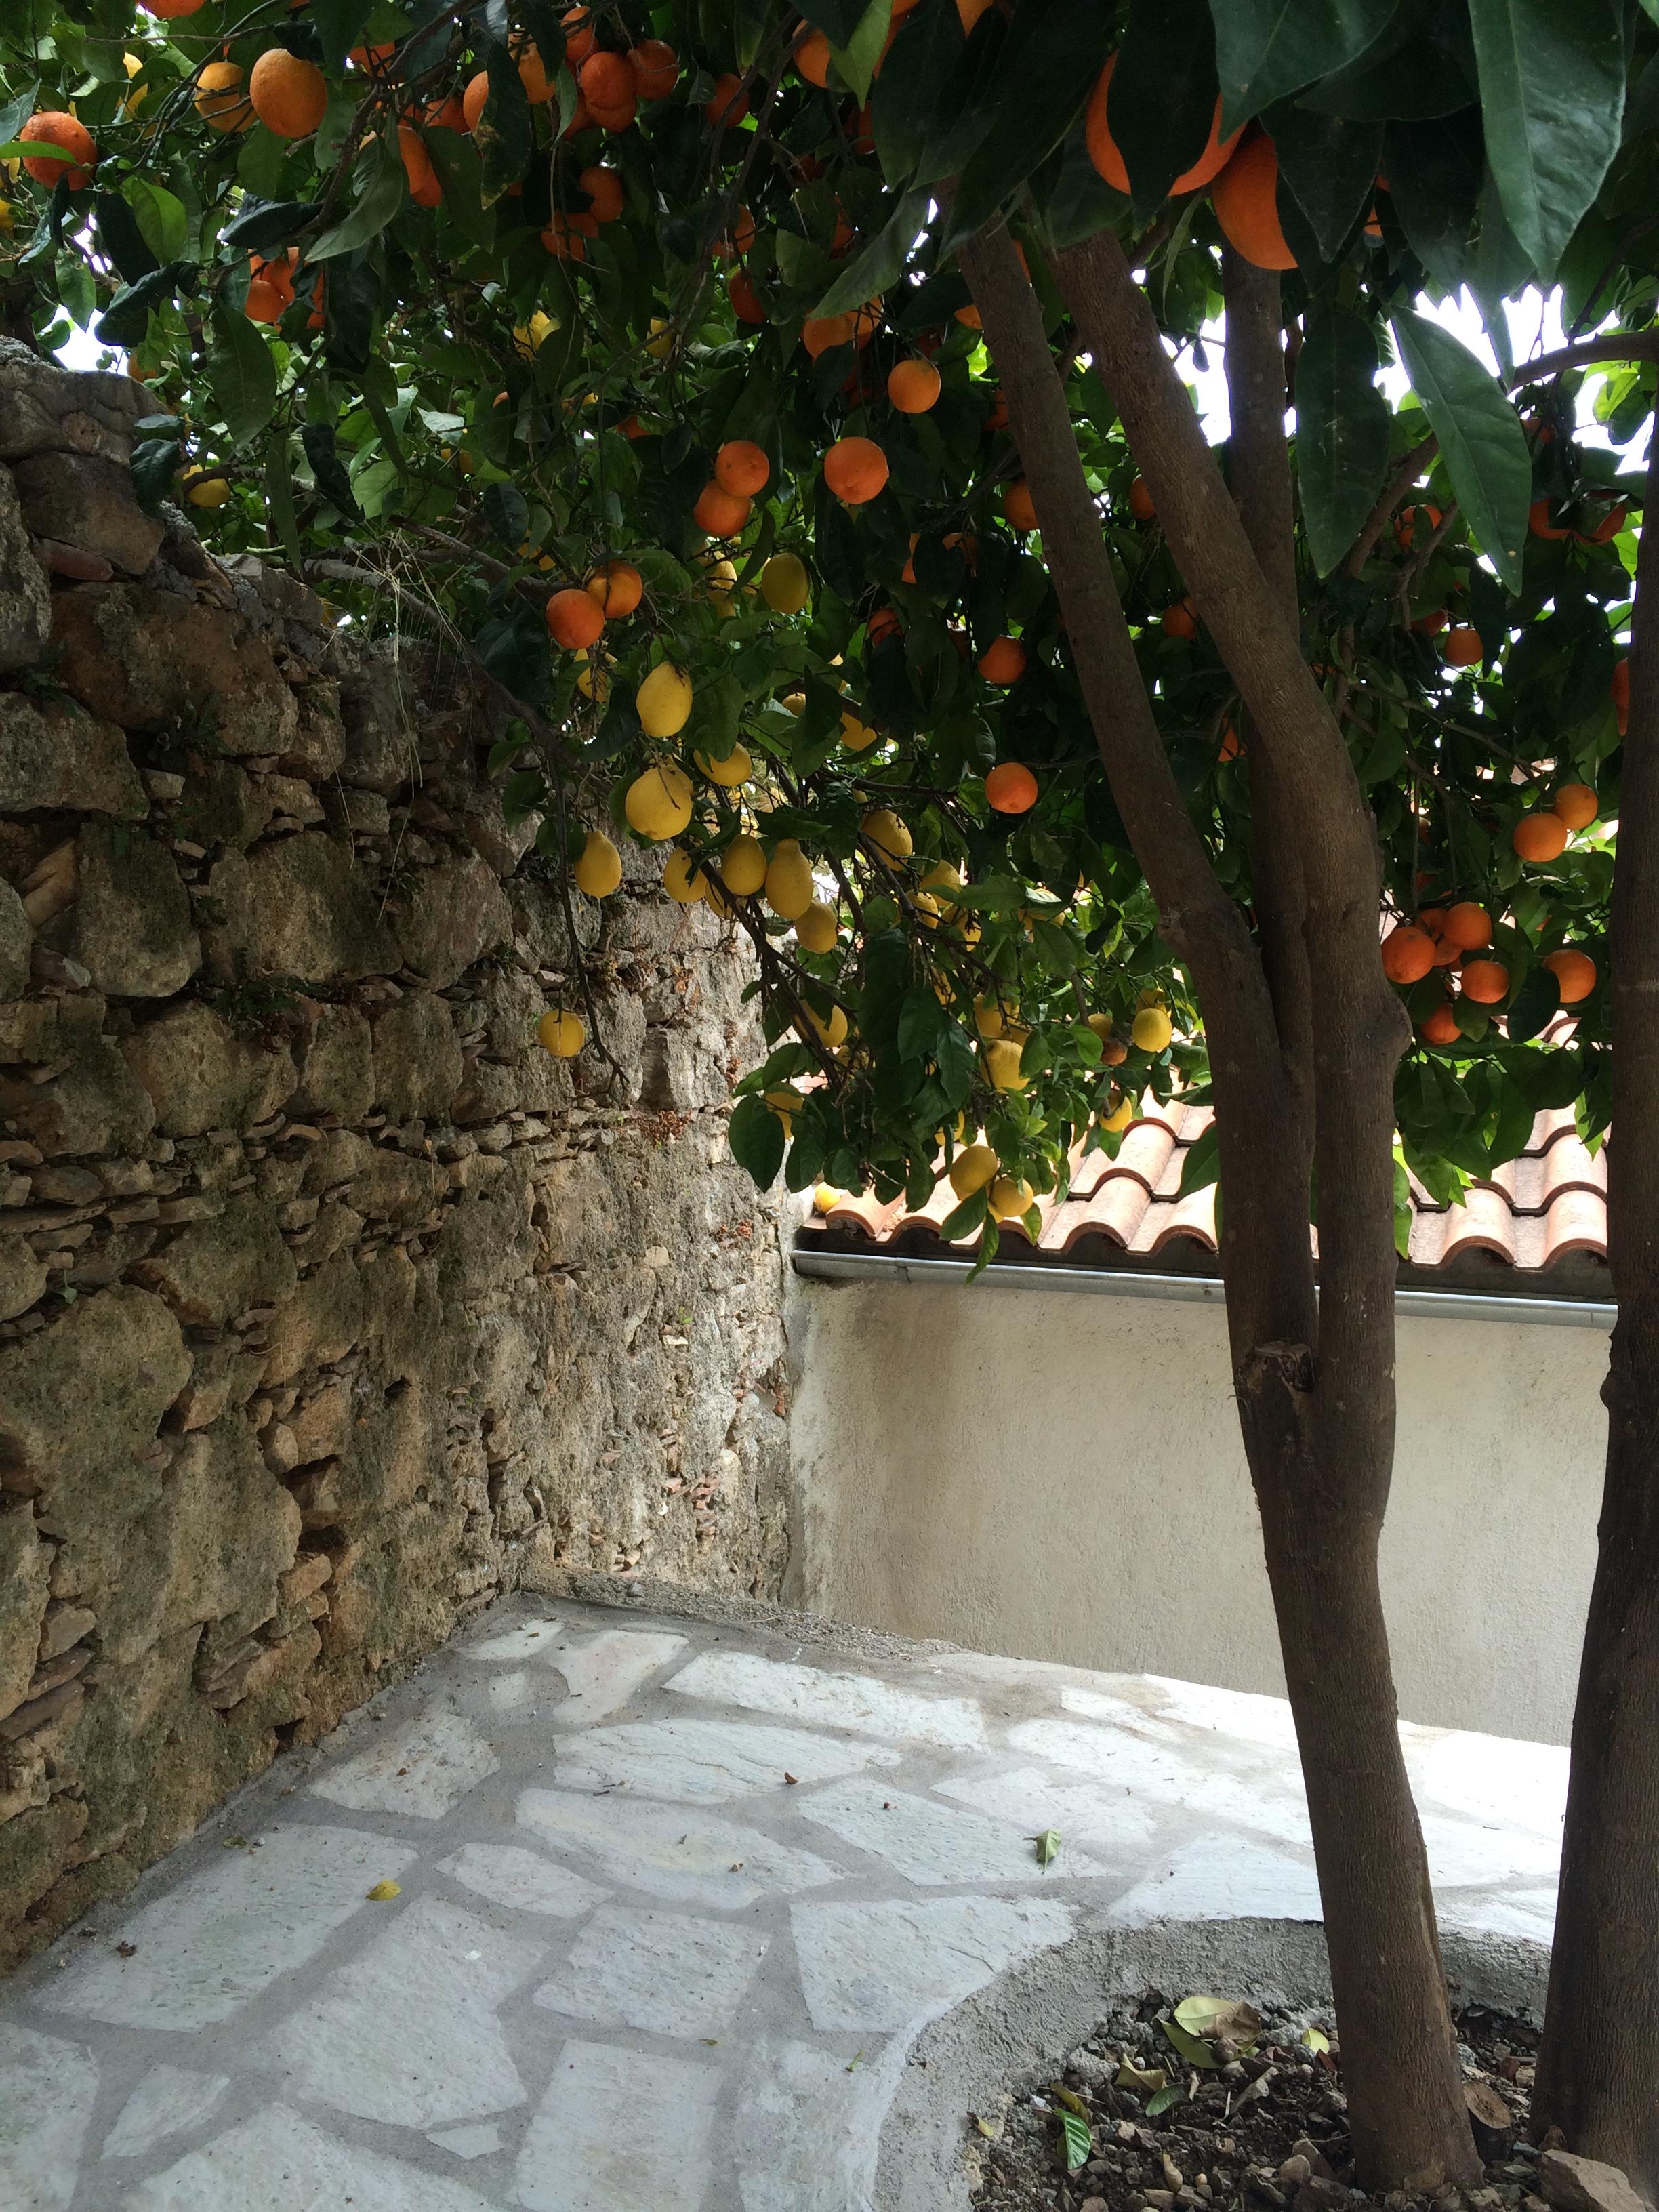 Oranges & Lemons in the Garden.JPG